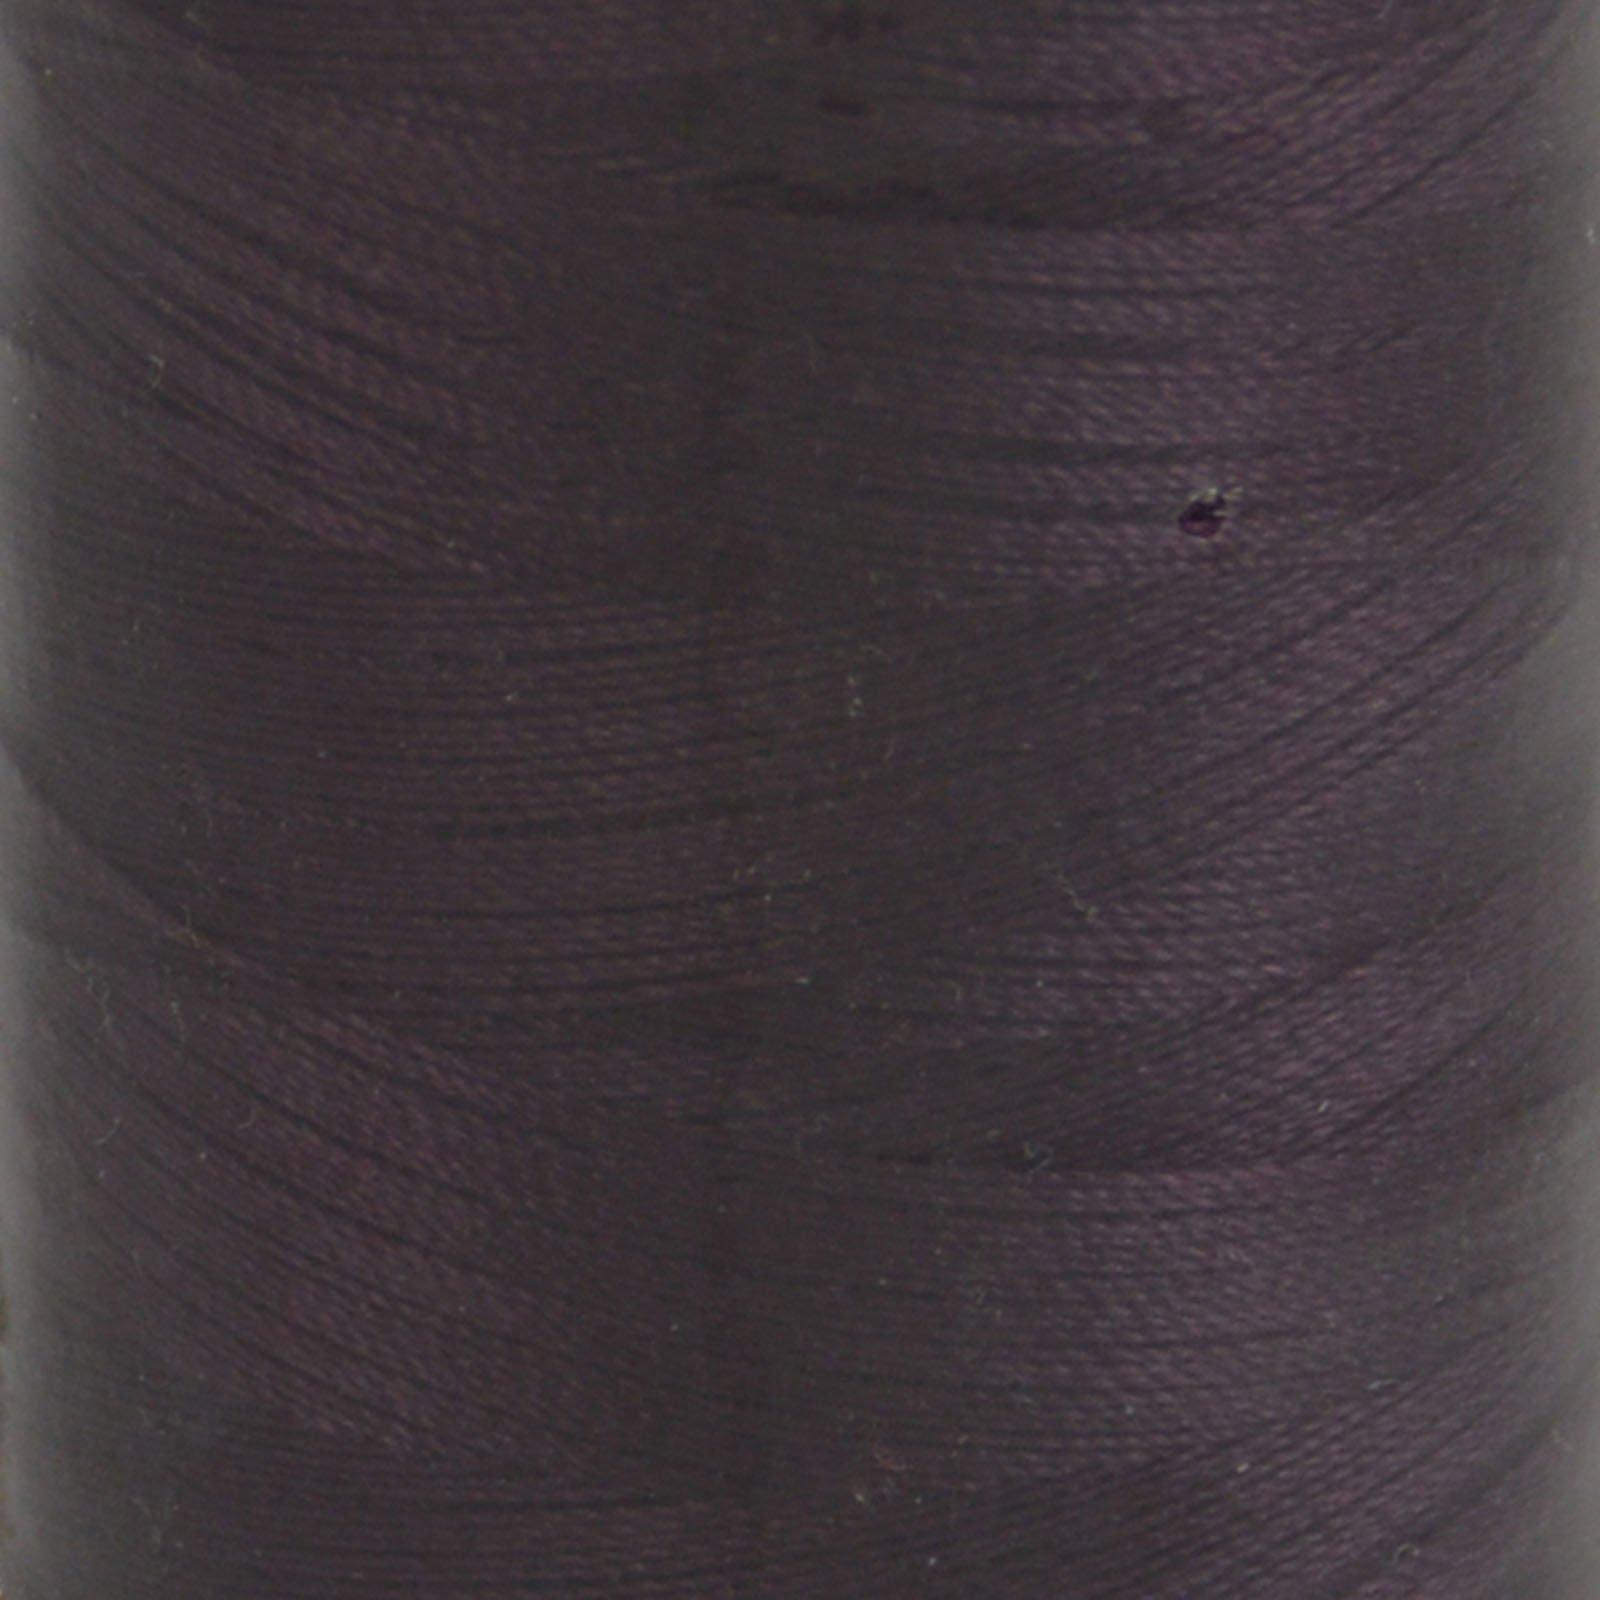 # 1240 Very Dark Eggplant